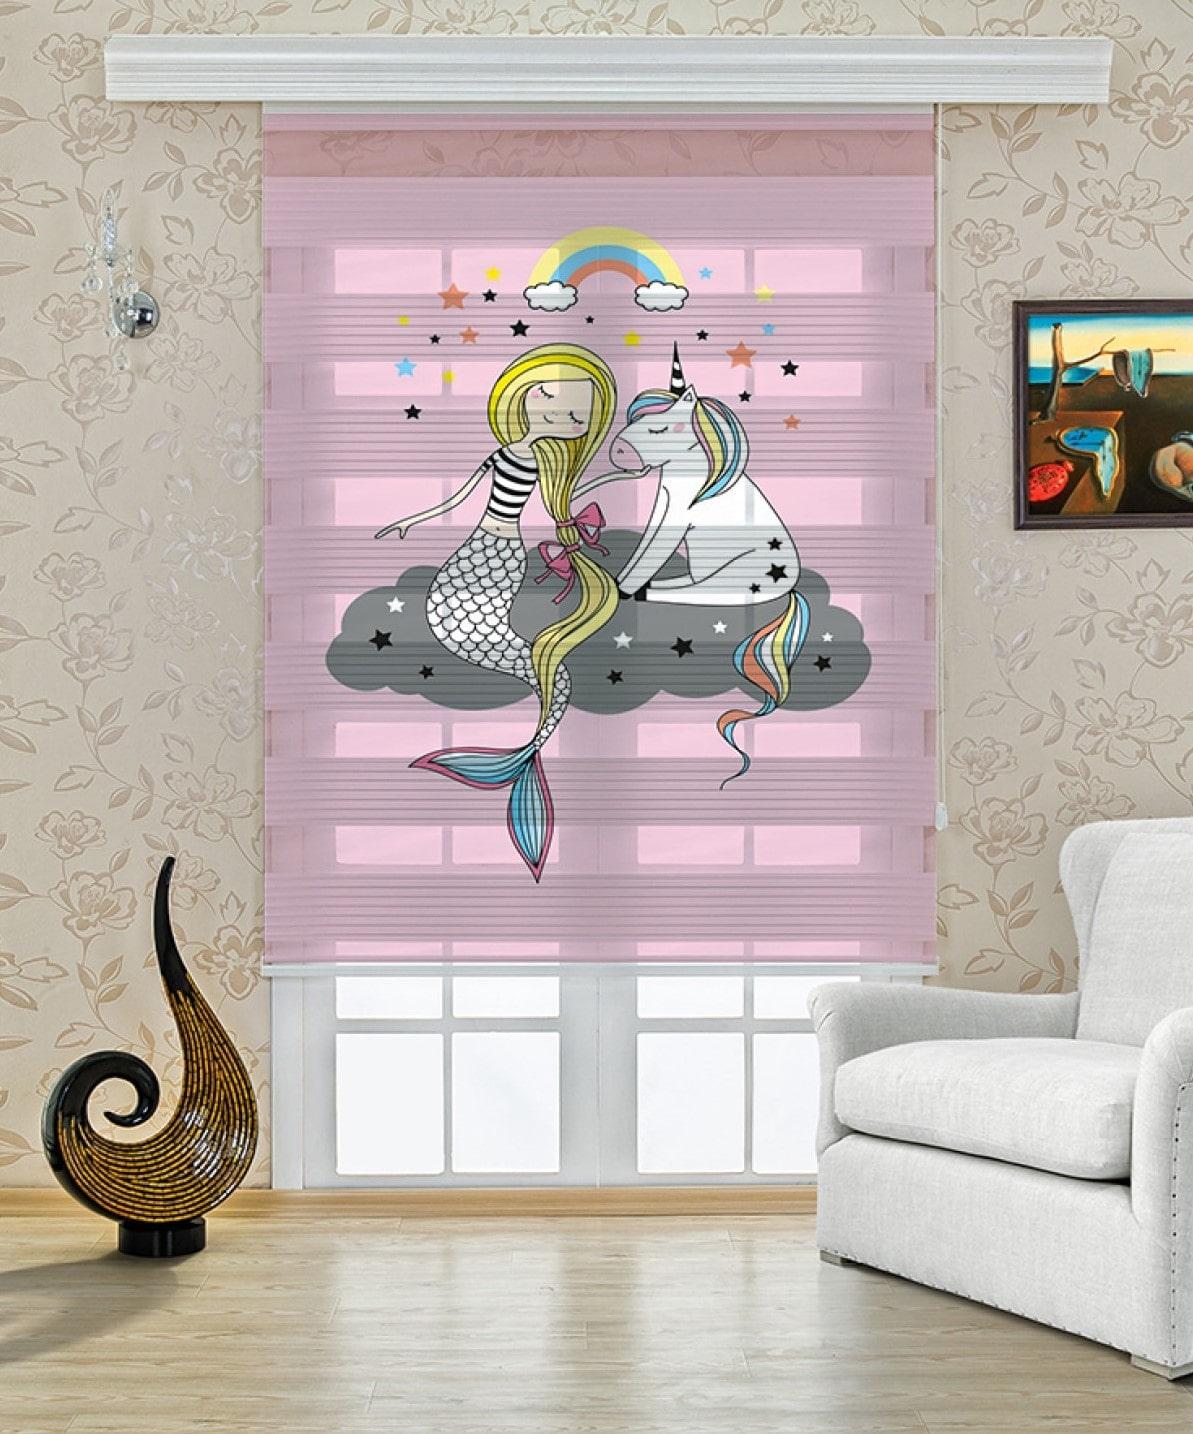 Pembe Deniz Kızı Baskılı Çocuk Odası Zebra Perde